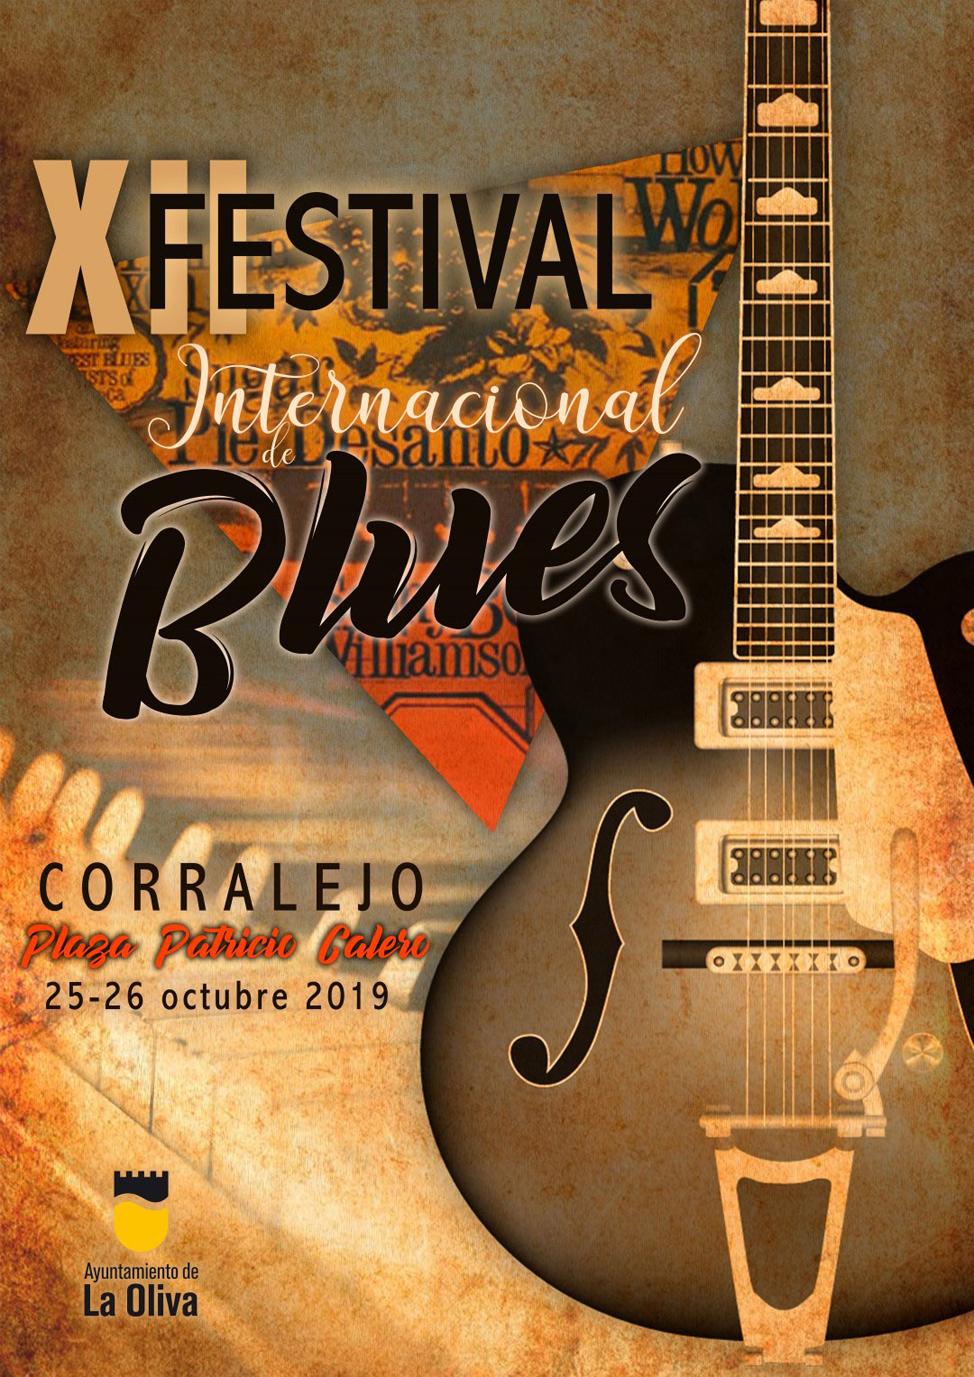 International Blues Festival of Corralejo